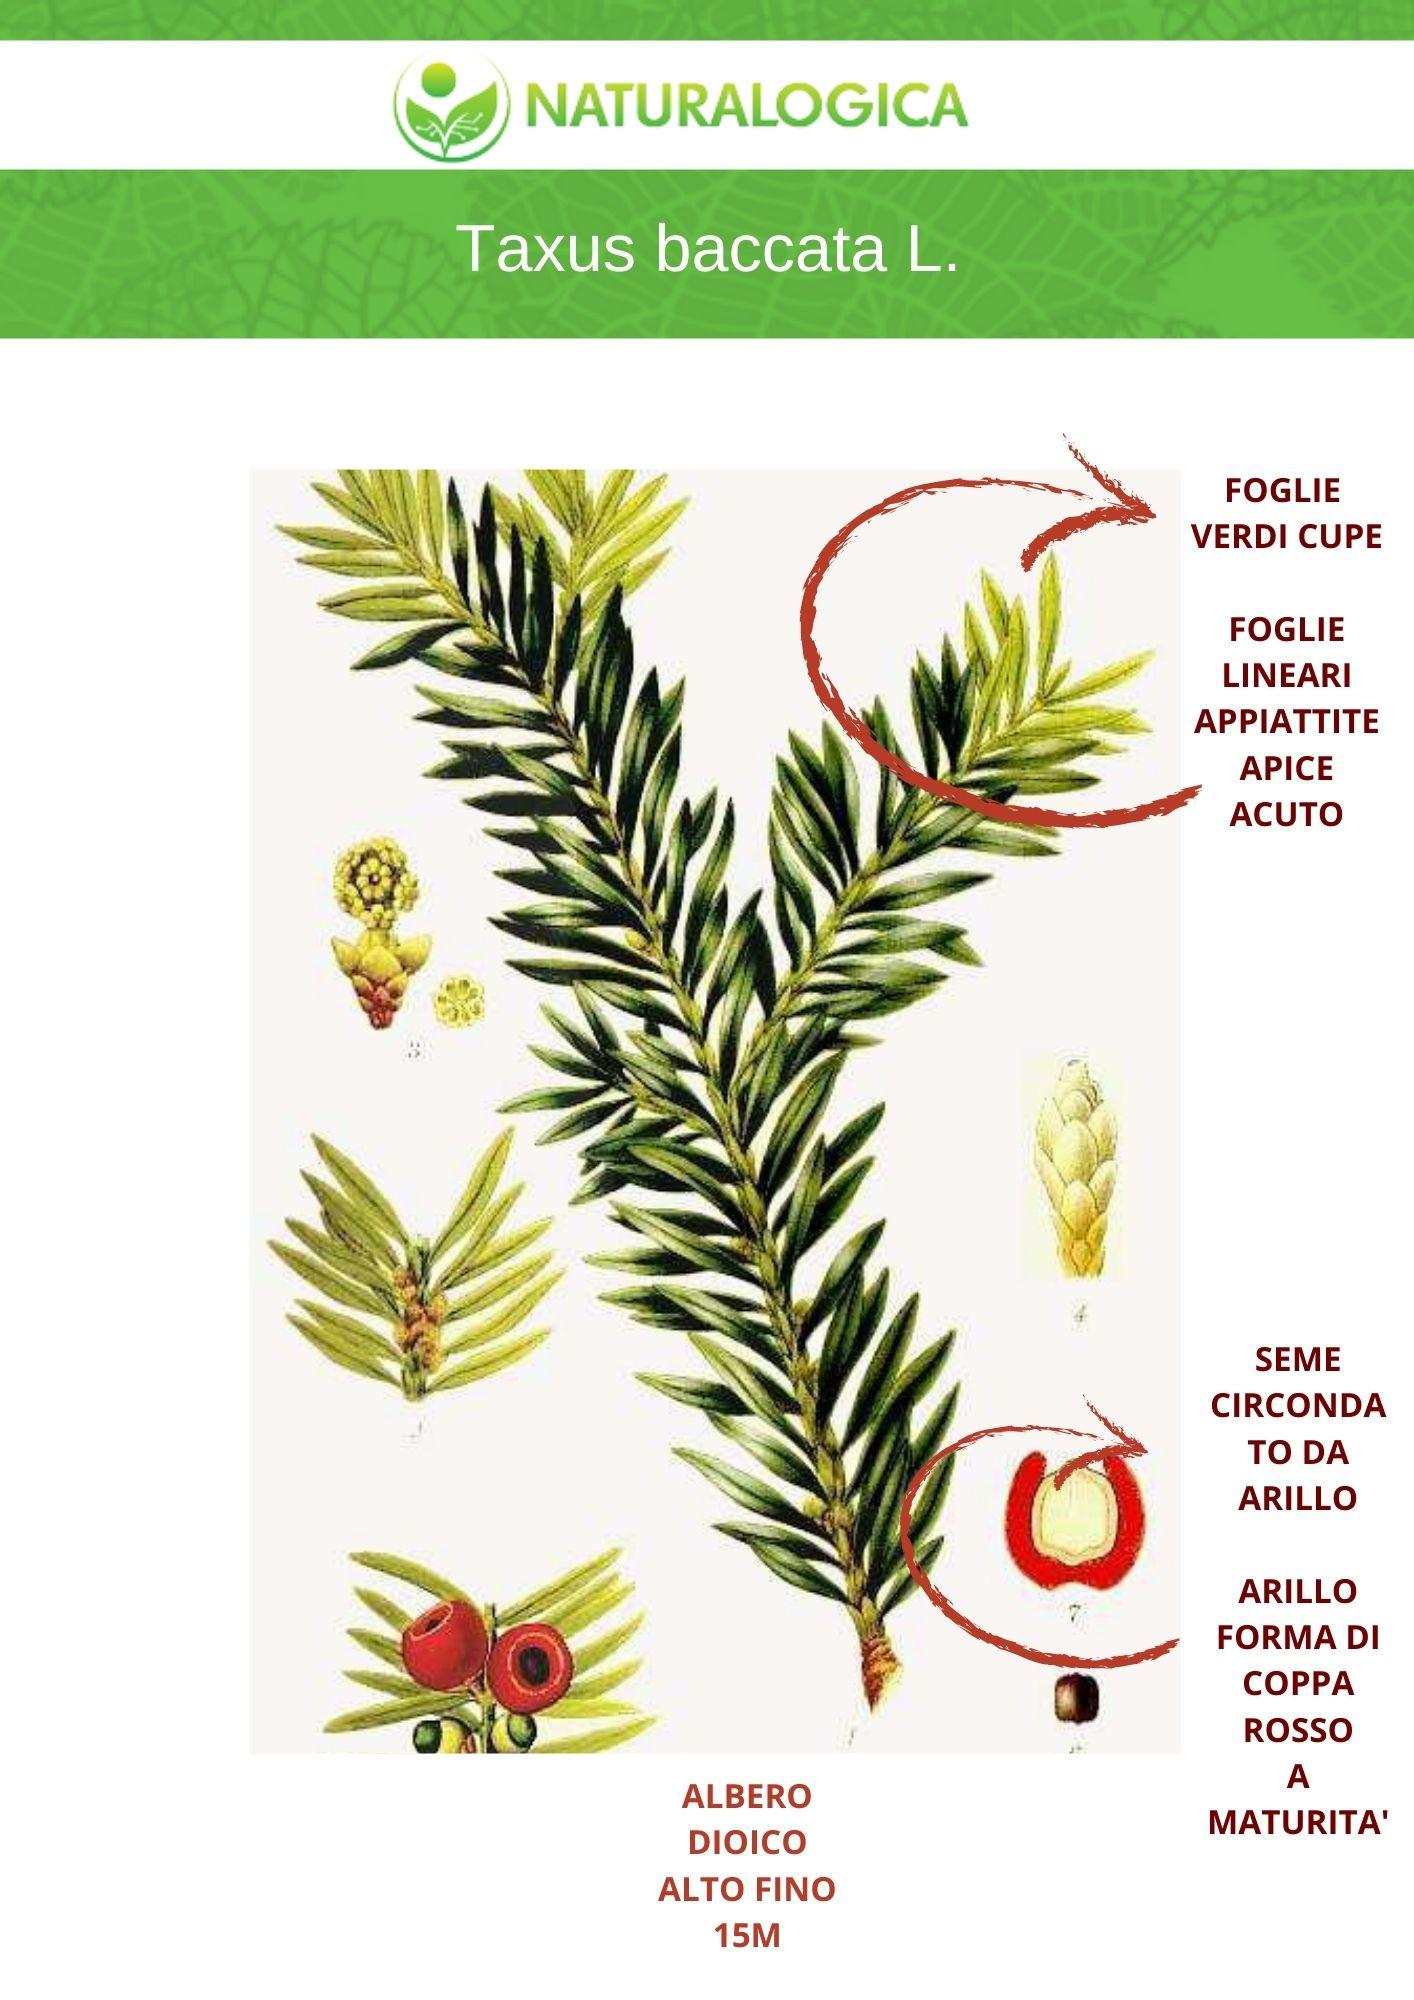 Taxus baccata farmaceutica